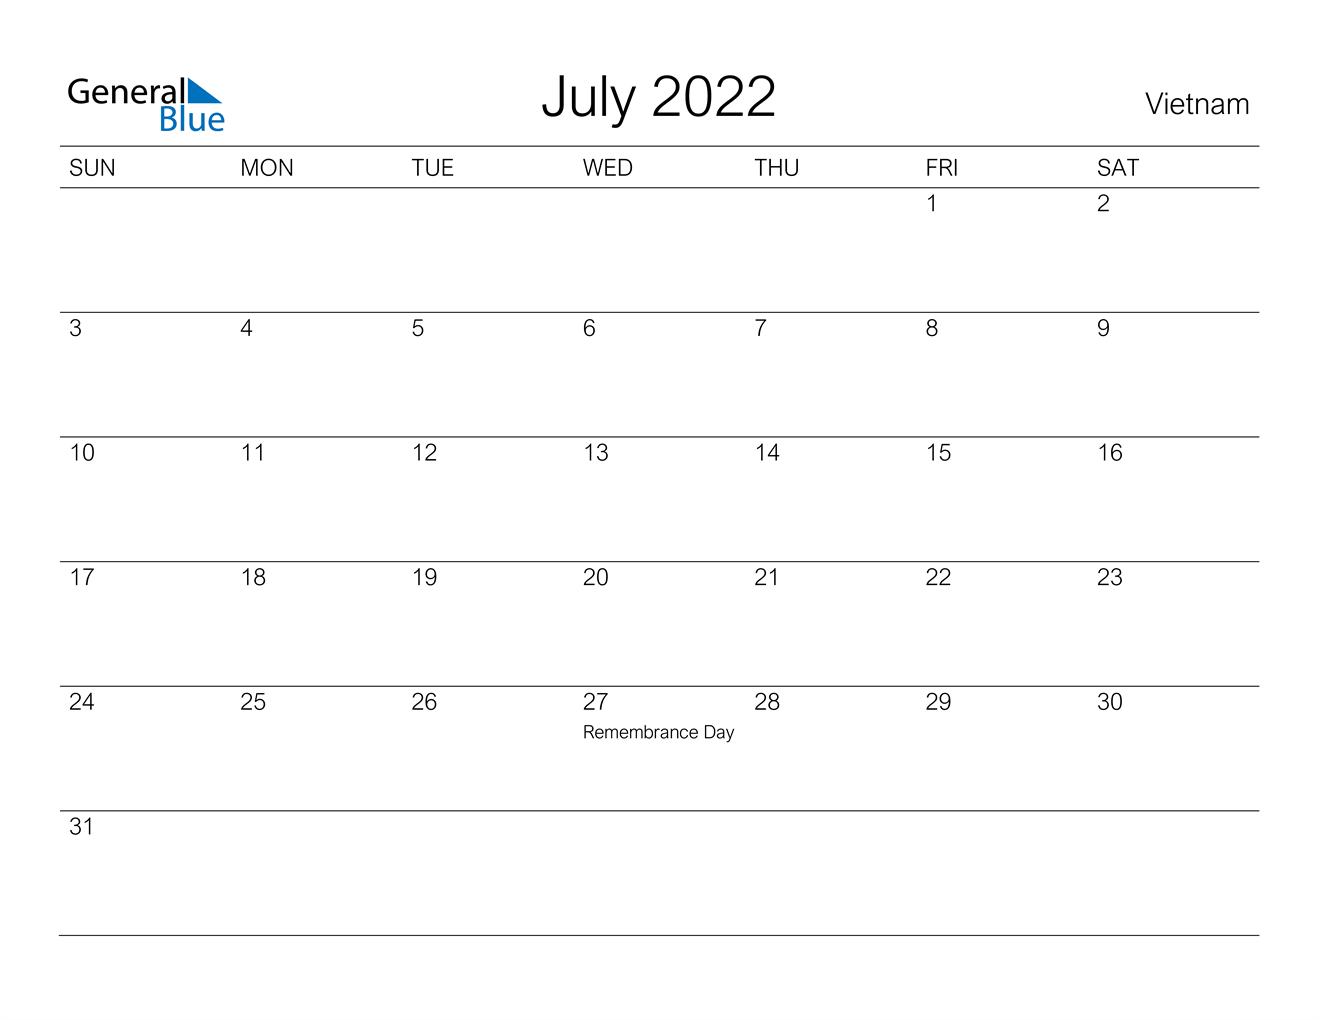 July 2022 Calendar - Vietnam